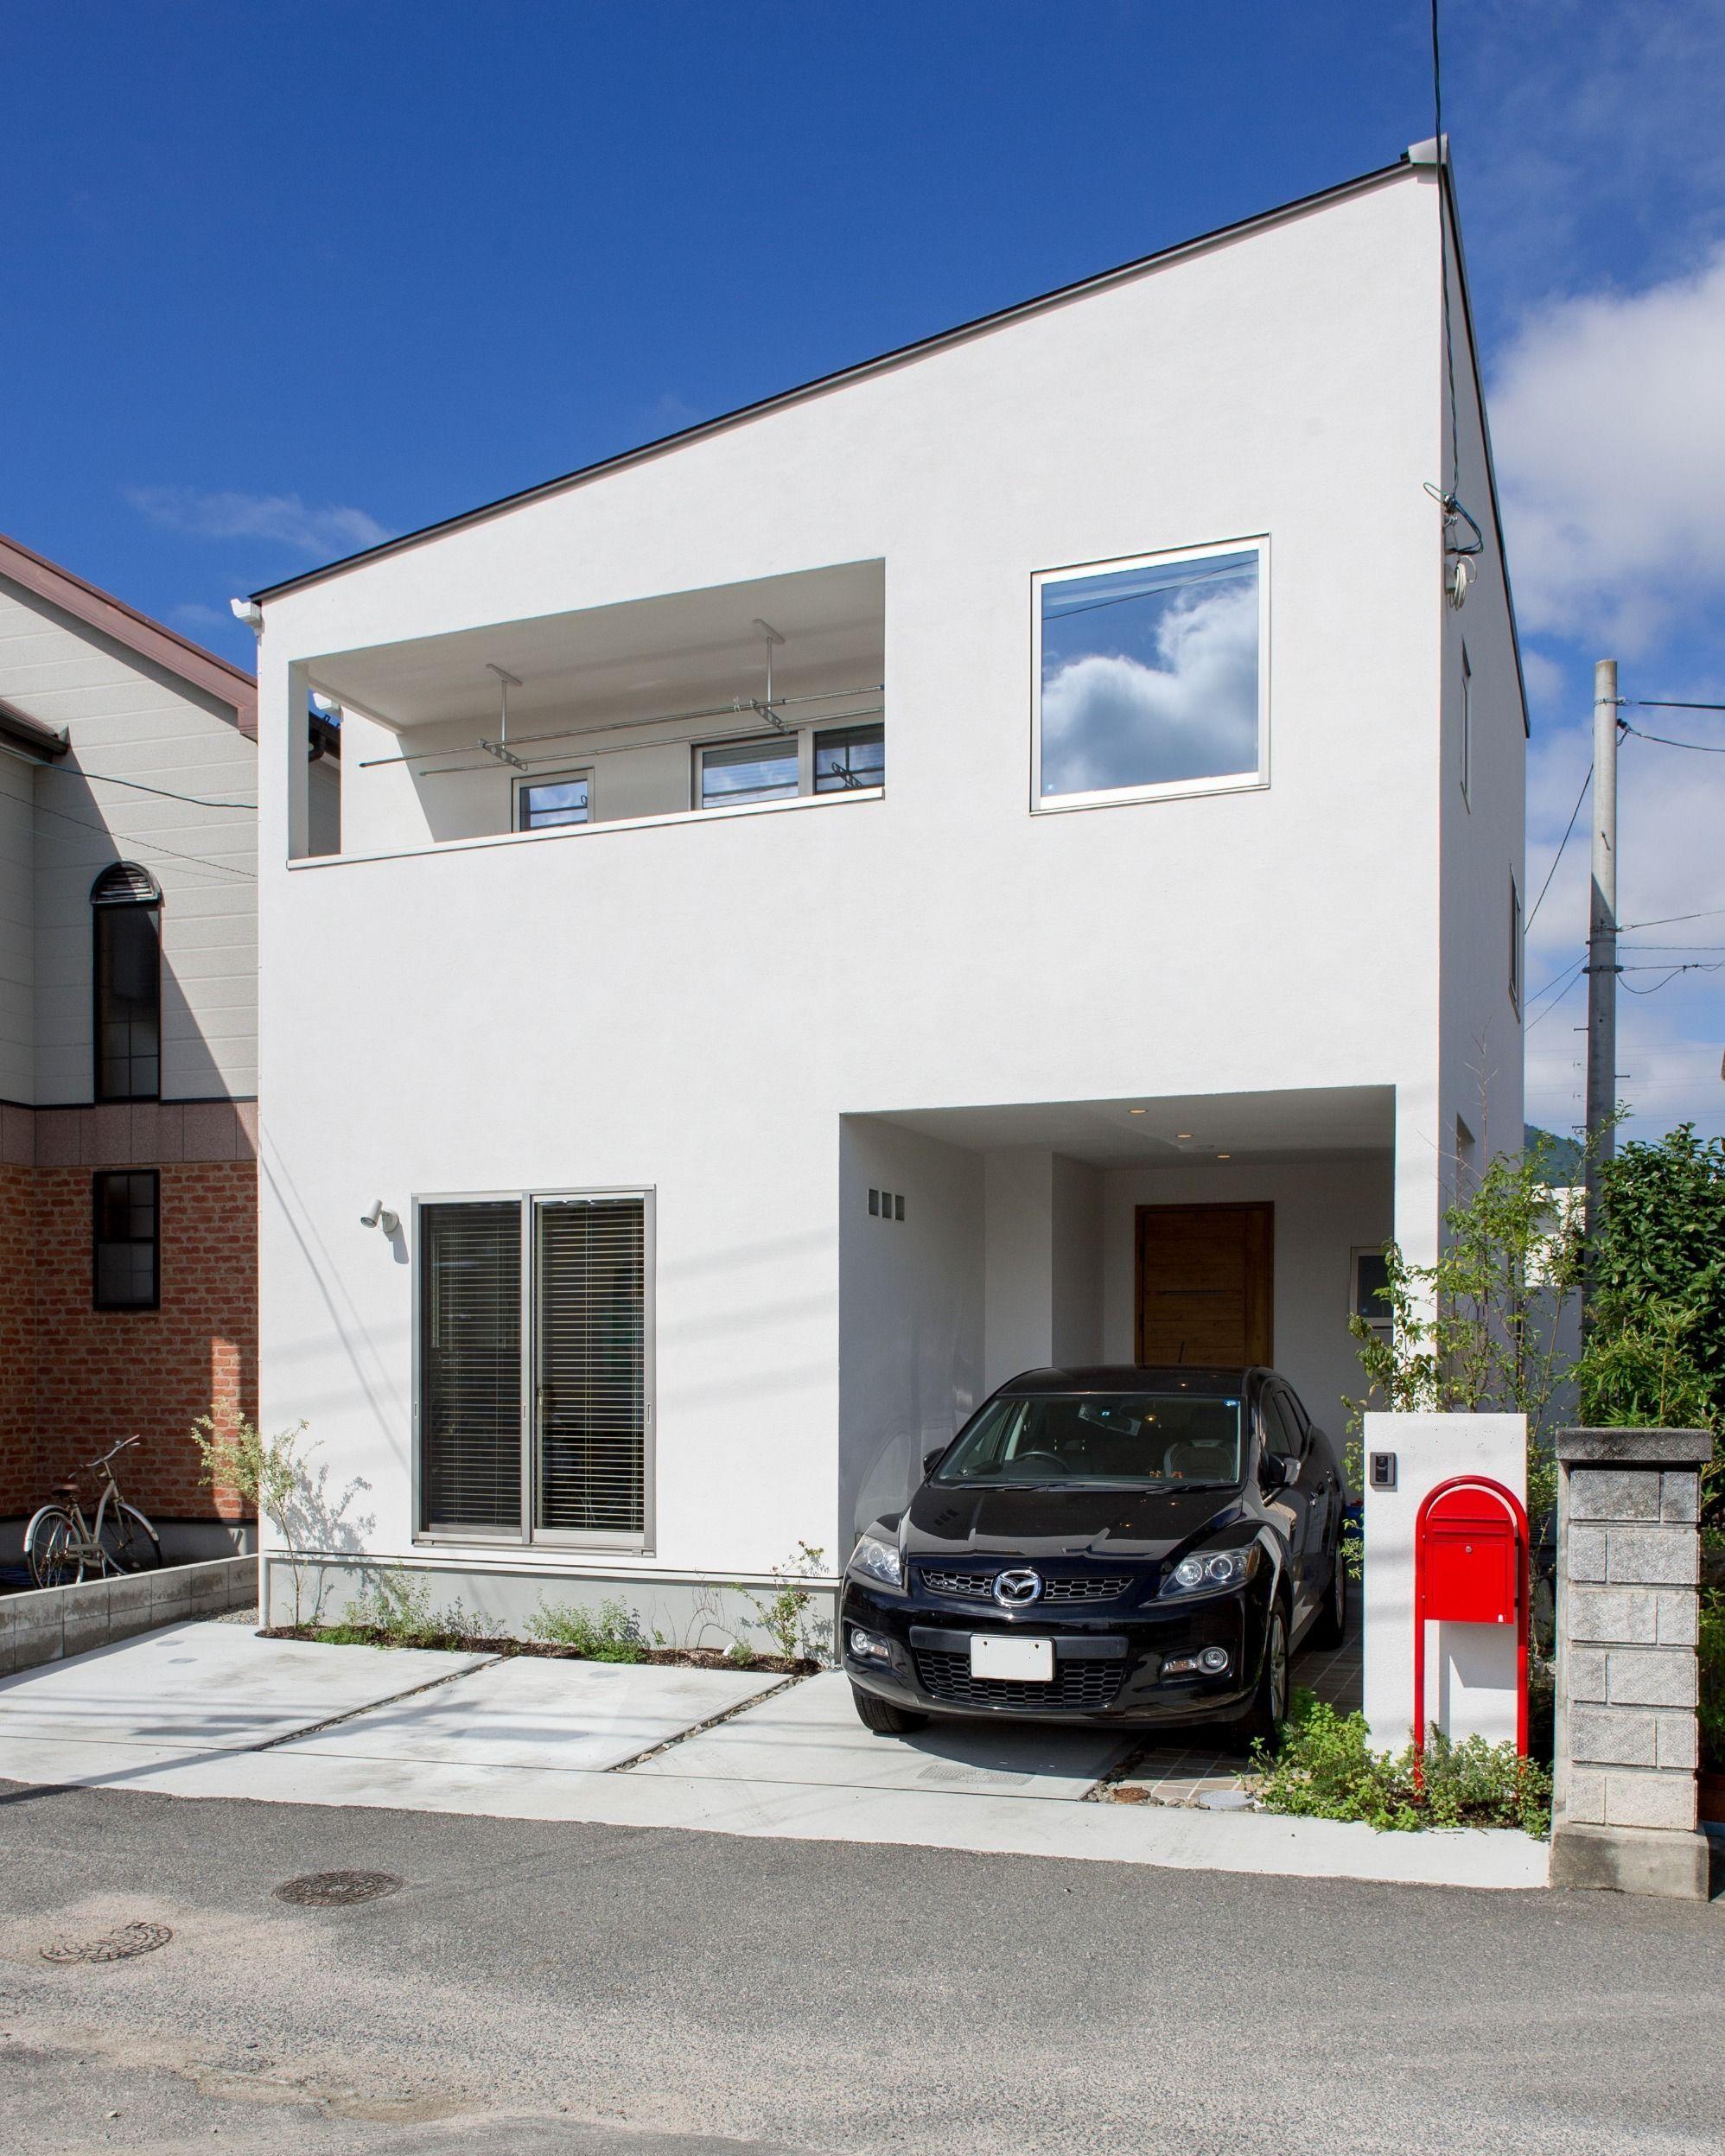 片流れ屋根のインナーバルコニーのお家 安佐南区o様邸 住宅 外観